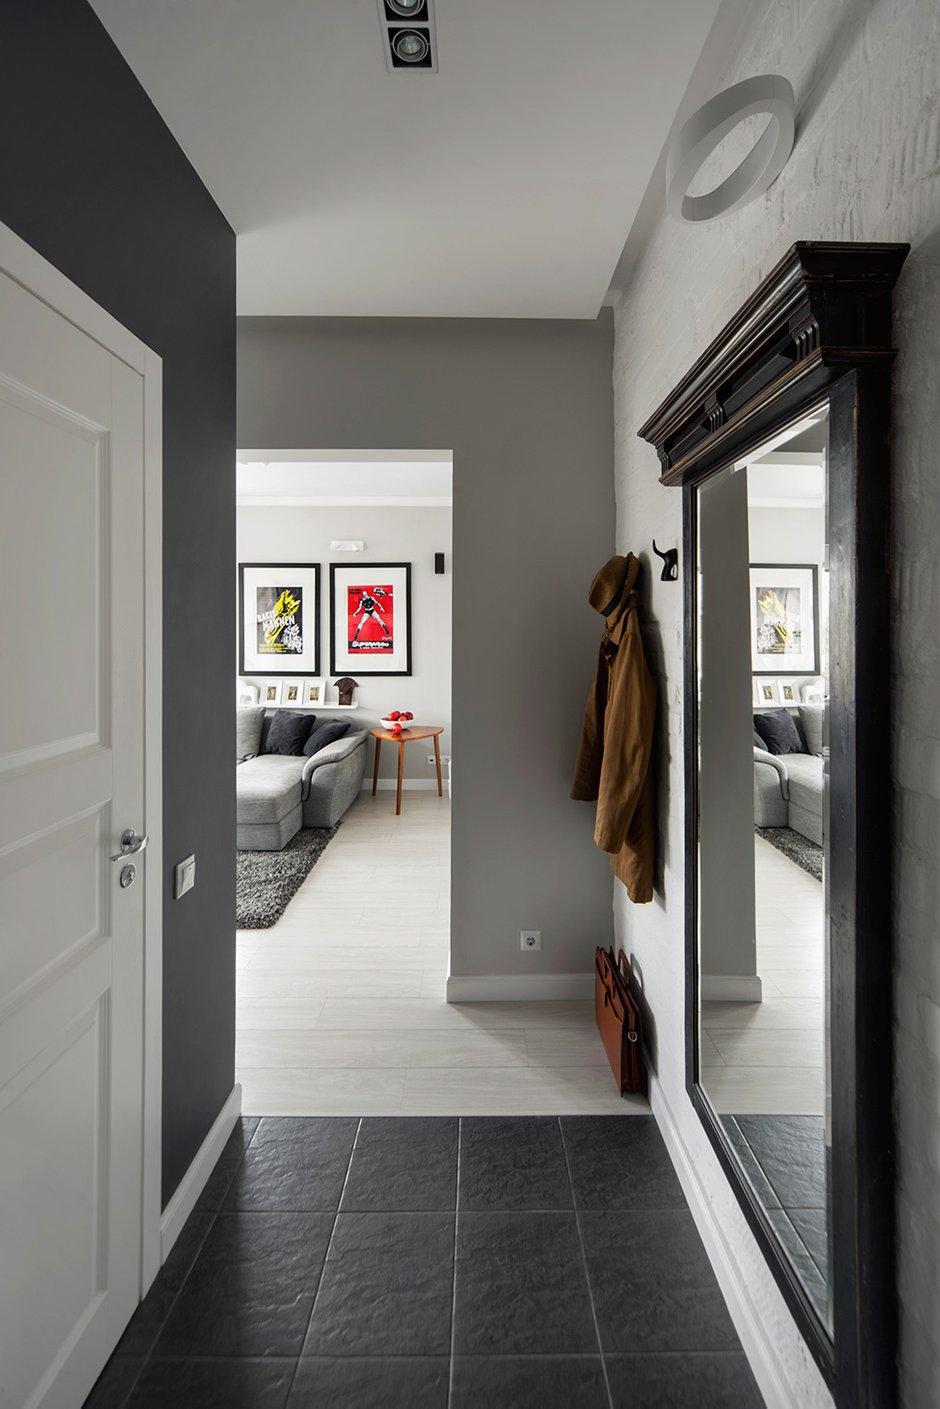 Фотография: Прихожая в стиле Скандинавский, Малогабаритная квартира, Квартира, Дома и квартиры, IKEA, Проект недели, Хрущевка – фото на INMYROOM